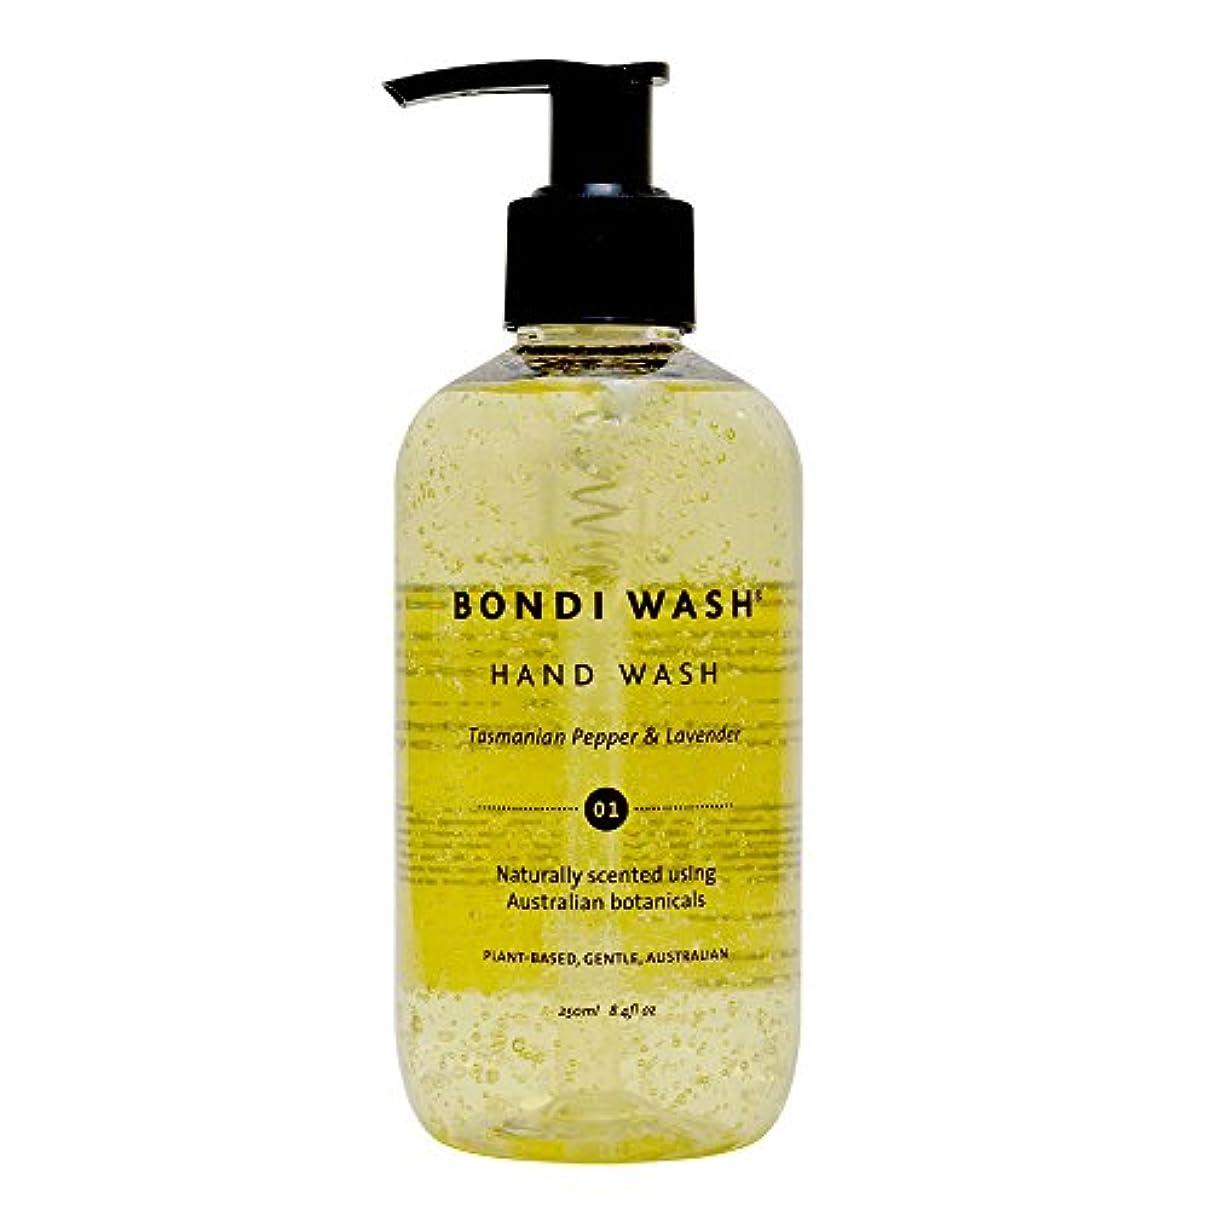 掃除含む一方、BONDI WASH ハンドウォッシュ タスマニアンペッパー&ラベンダー 250ml